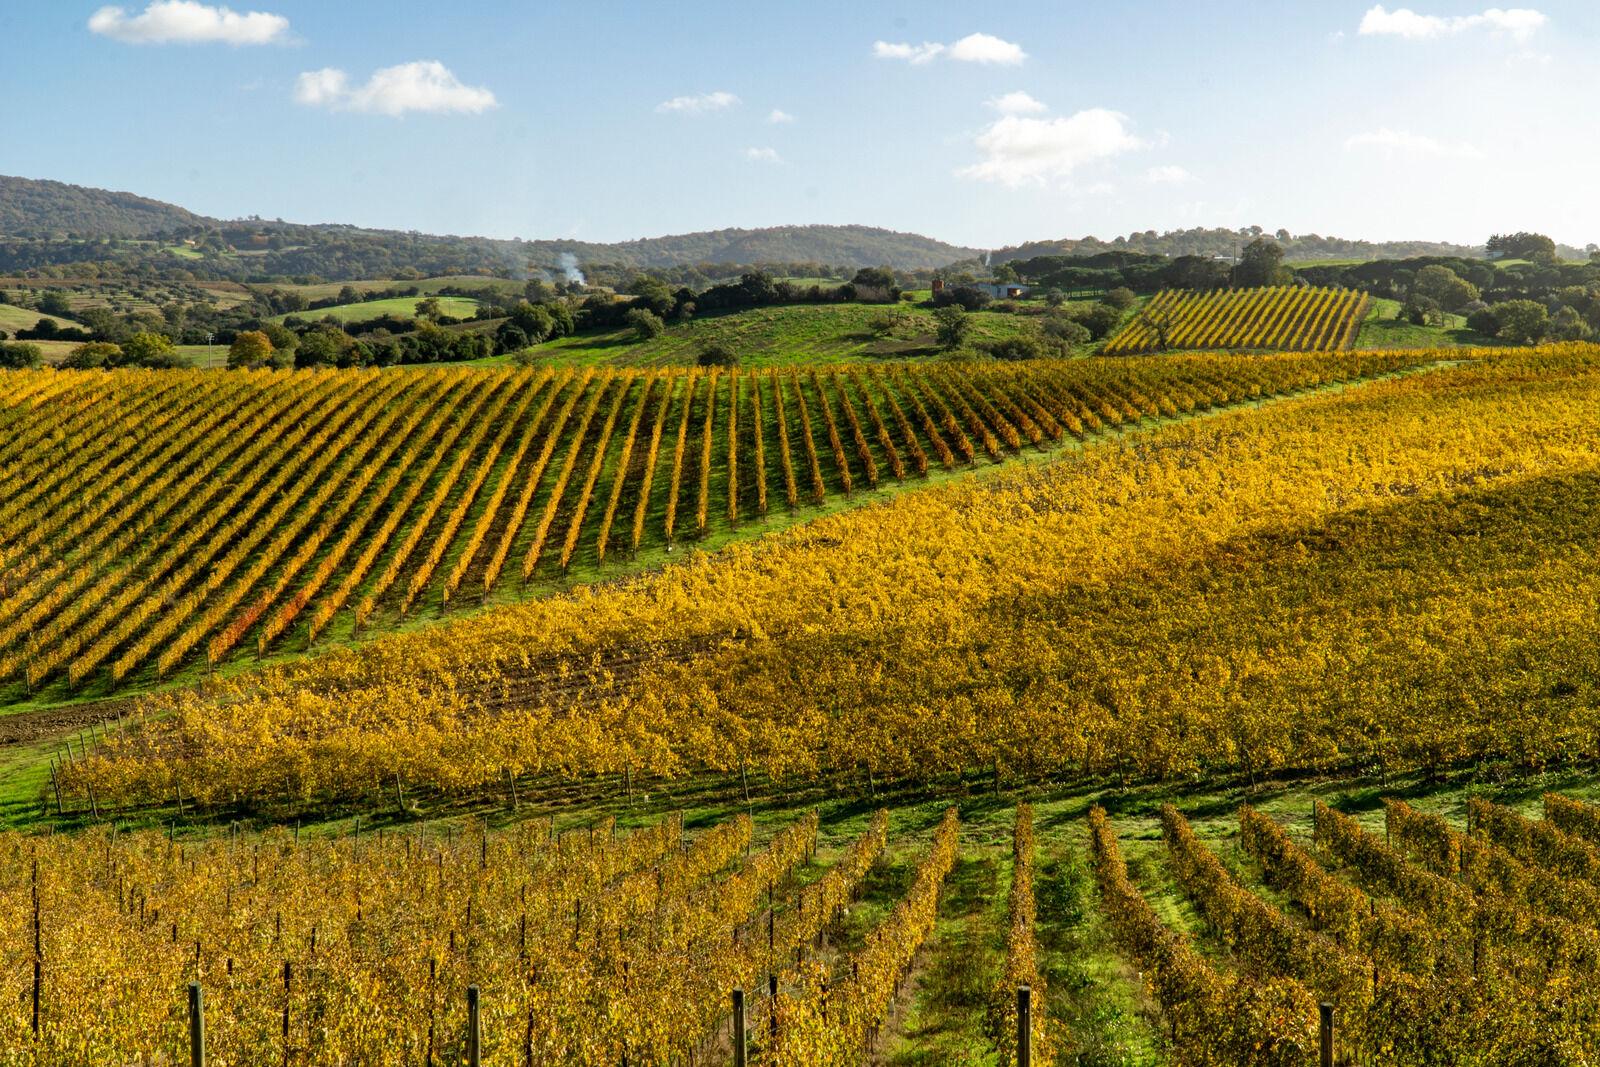 Italy Grosseto maremma Scansano, cultivation of Morellino di Scansano vine, autumn colors.